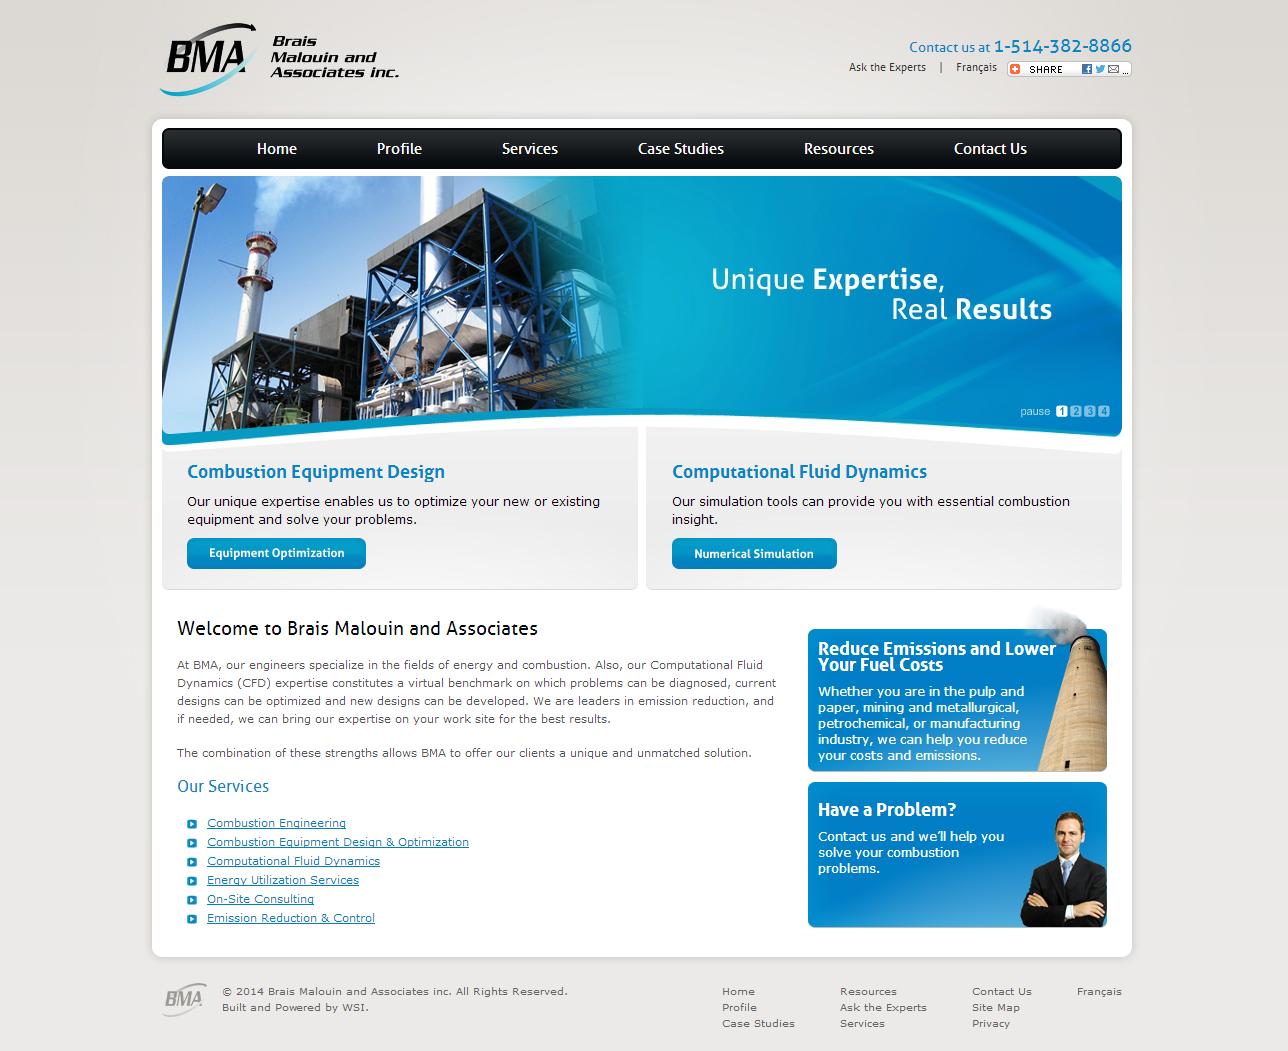 Brais, Malouin & Associates (BMA)